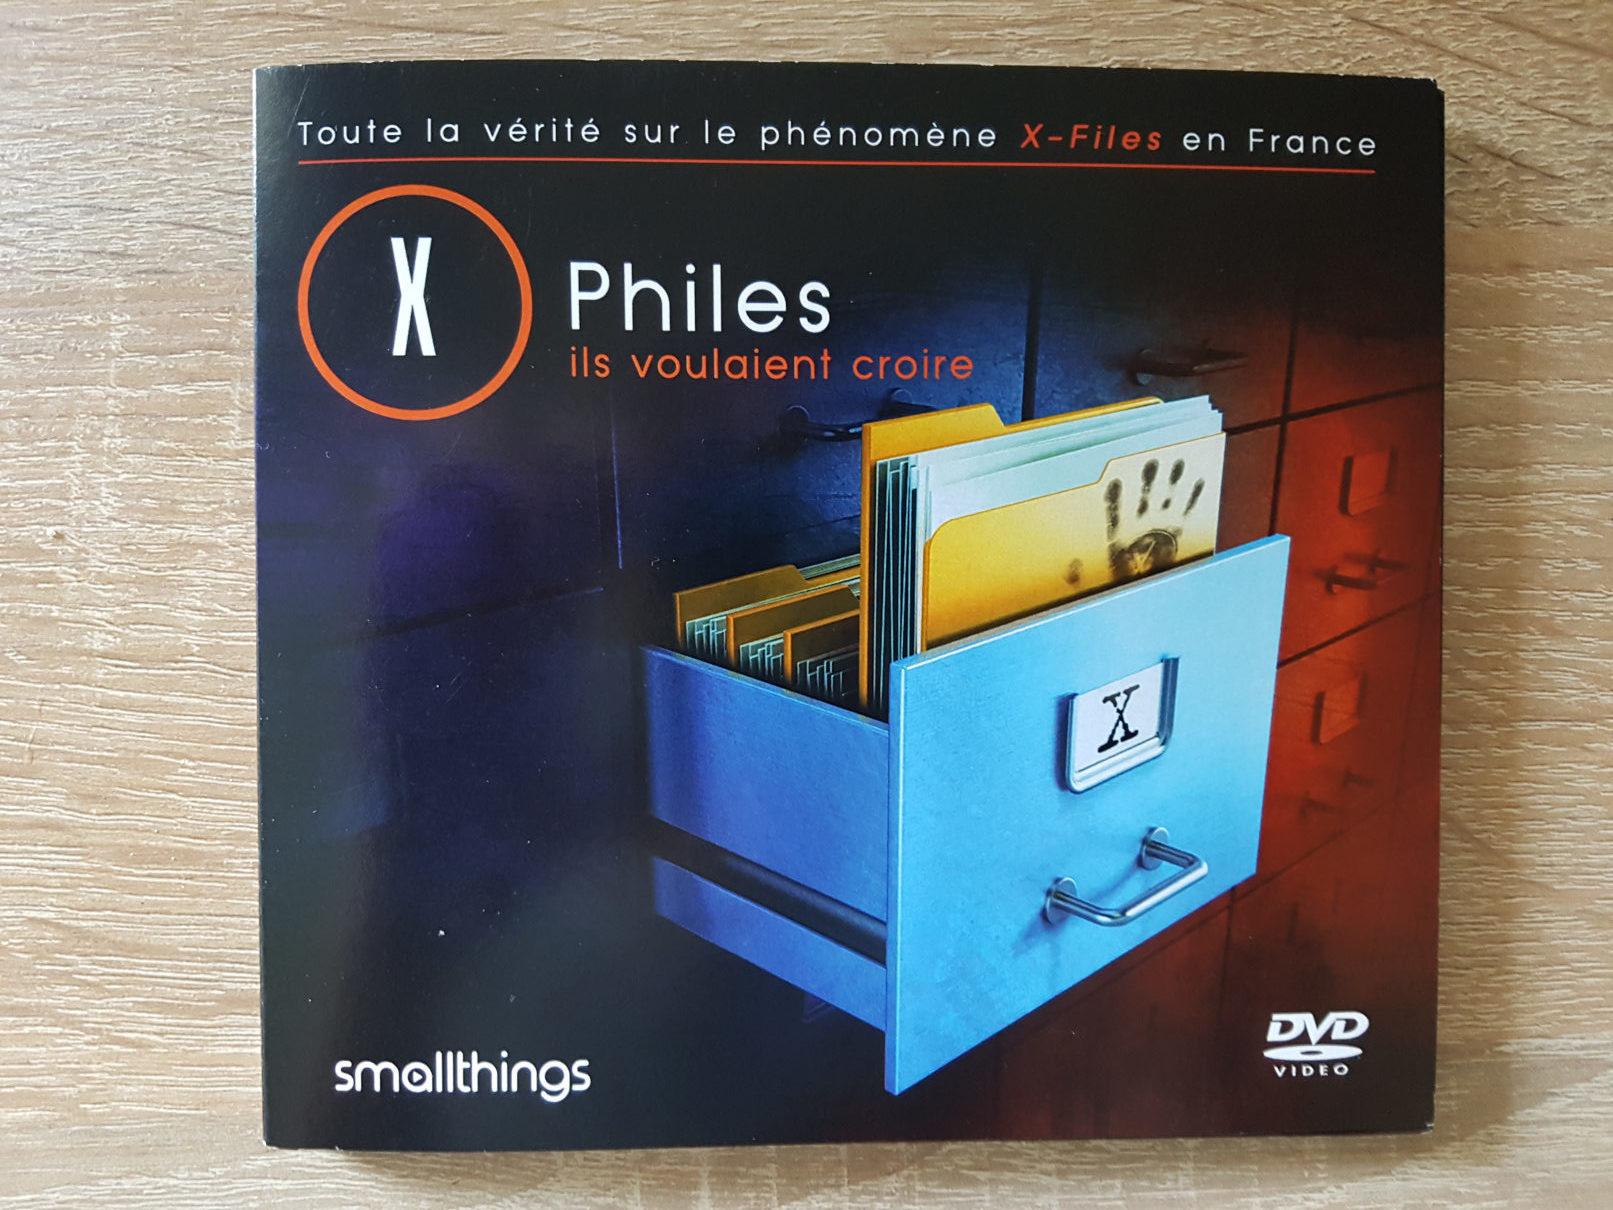 x-files - Détails du DVD X-Philes, Ils Voulaient Croire, premier documentaire Smallthings xphiles dvd documentaire 2 rotated e1588854865713